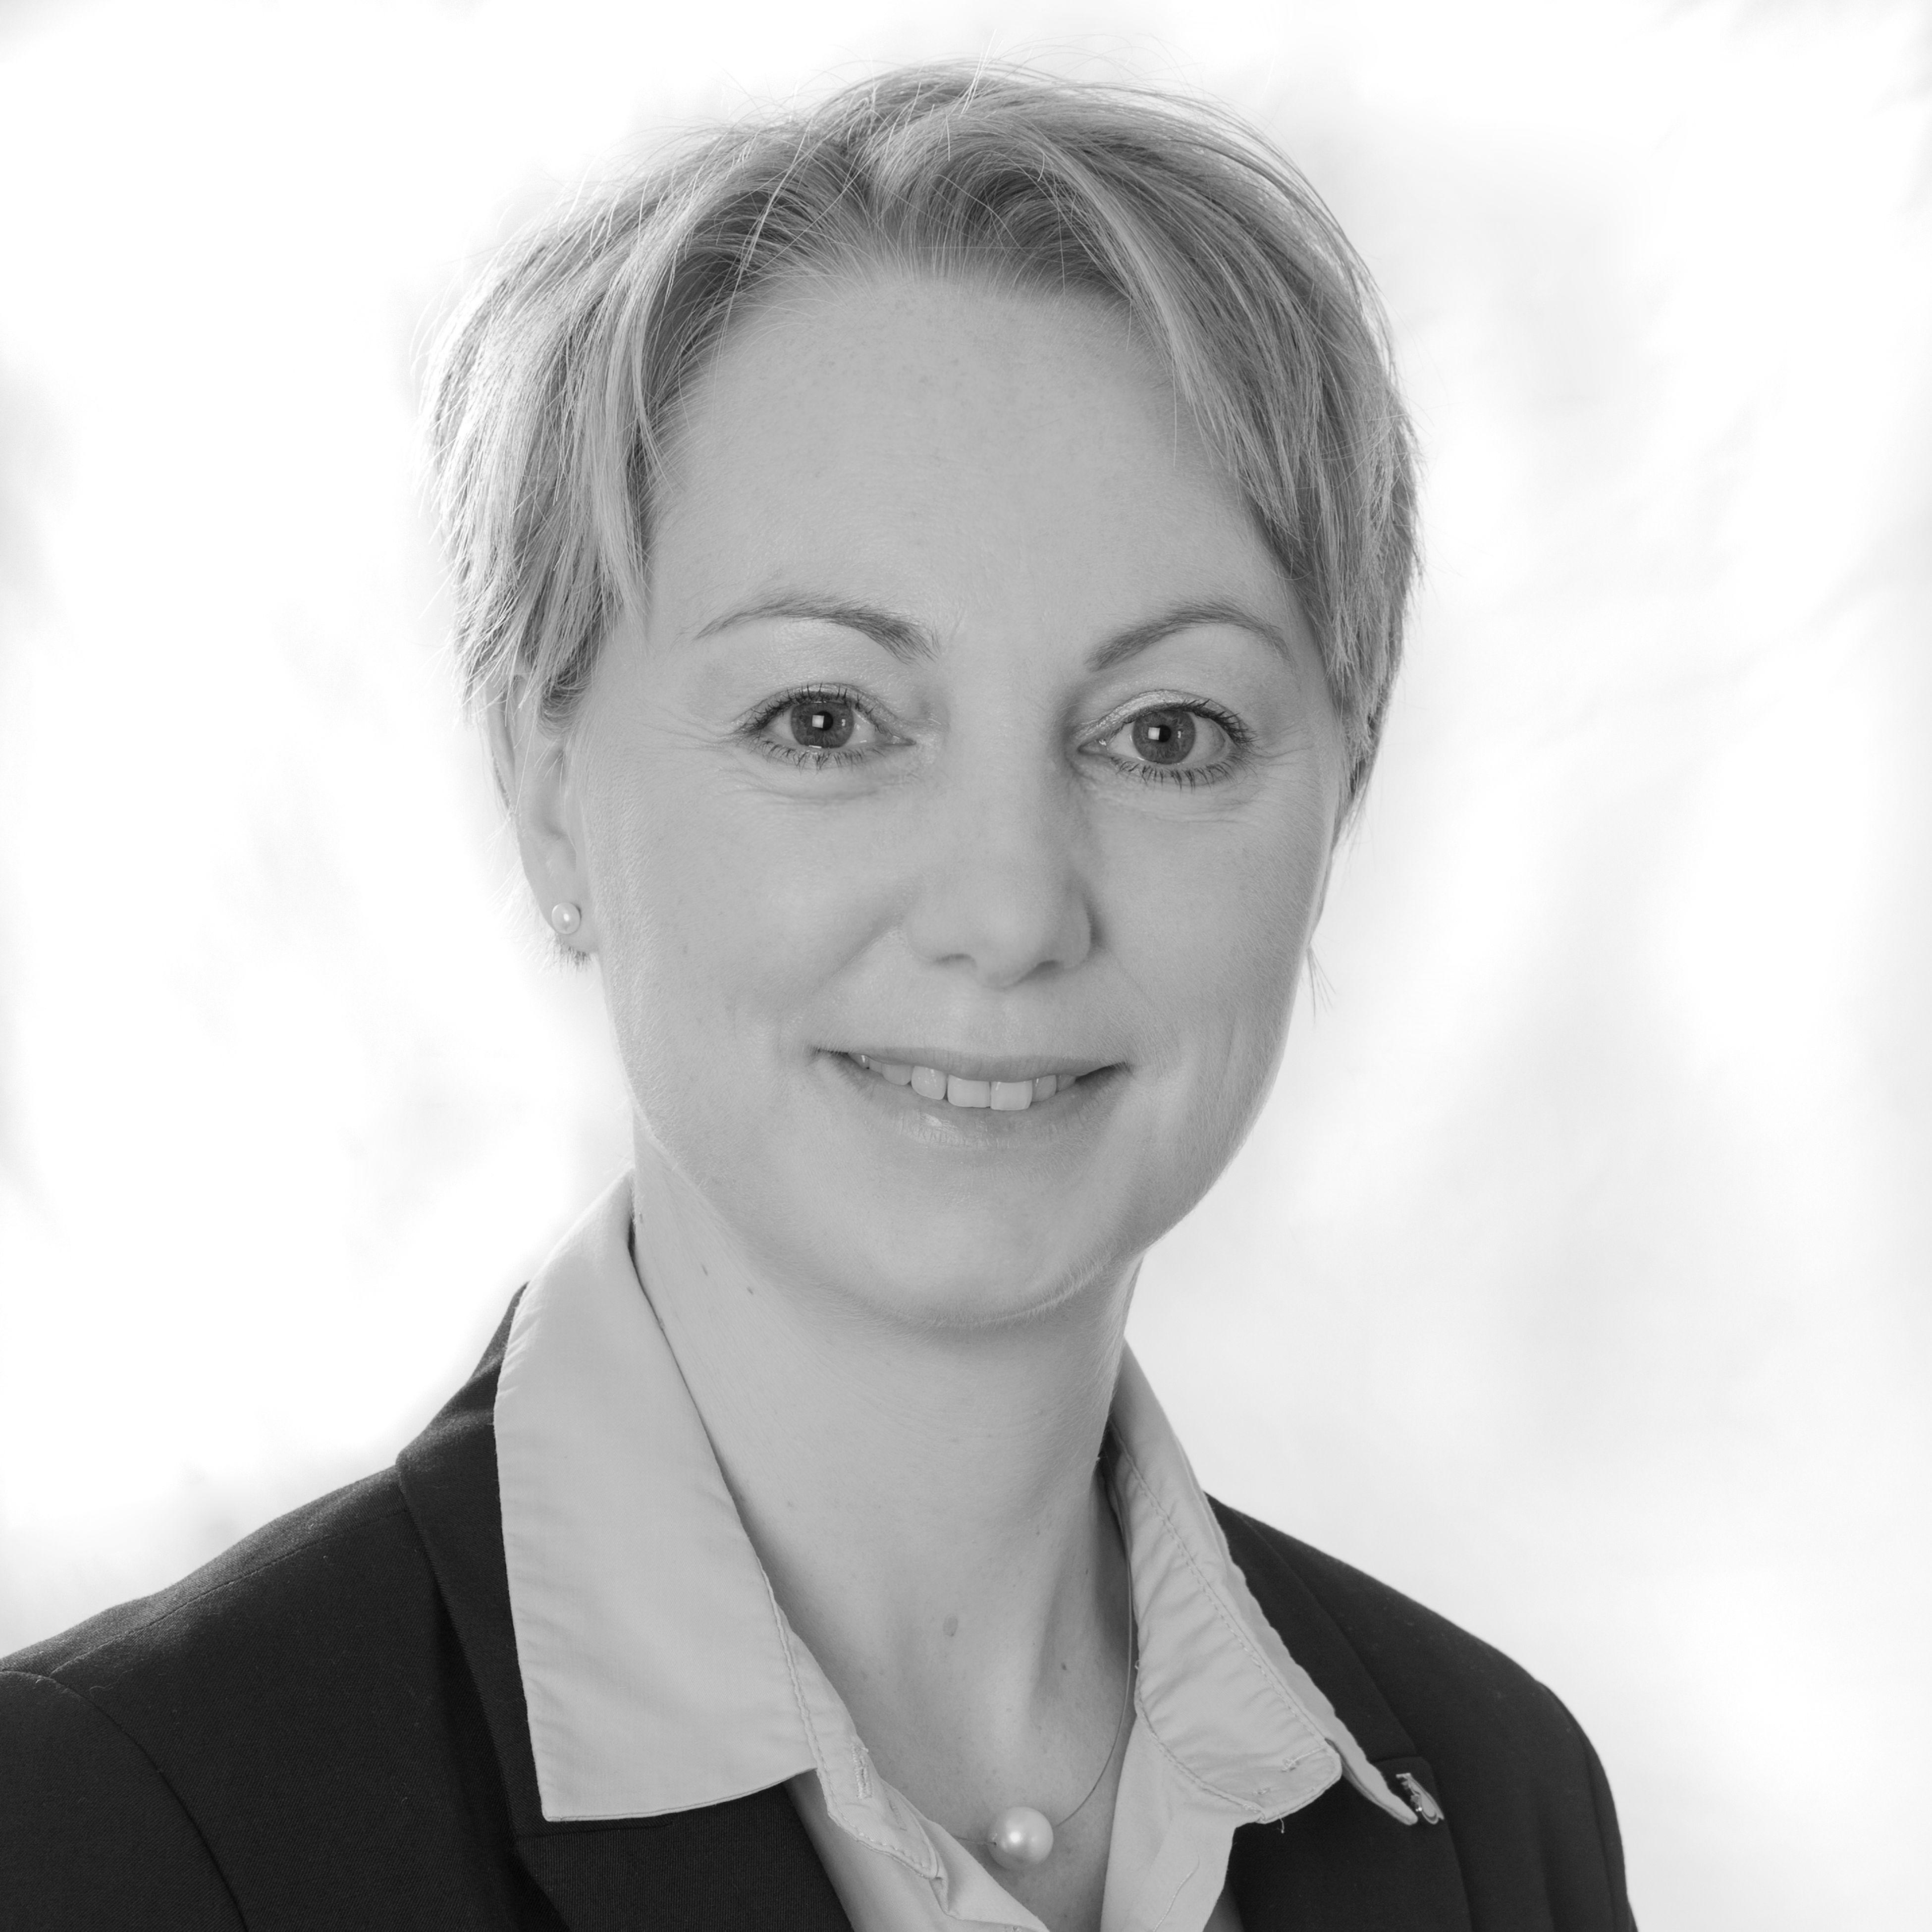 Leslie Kamphuis